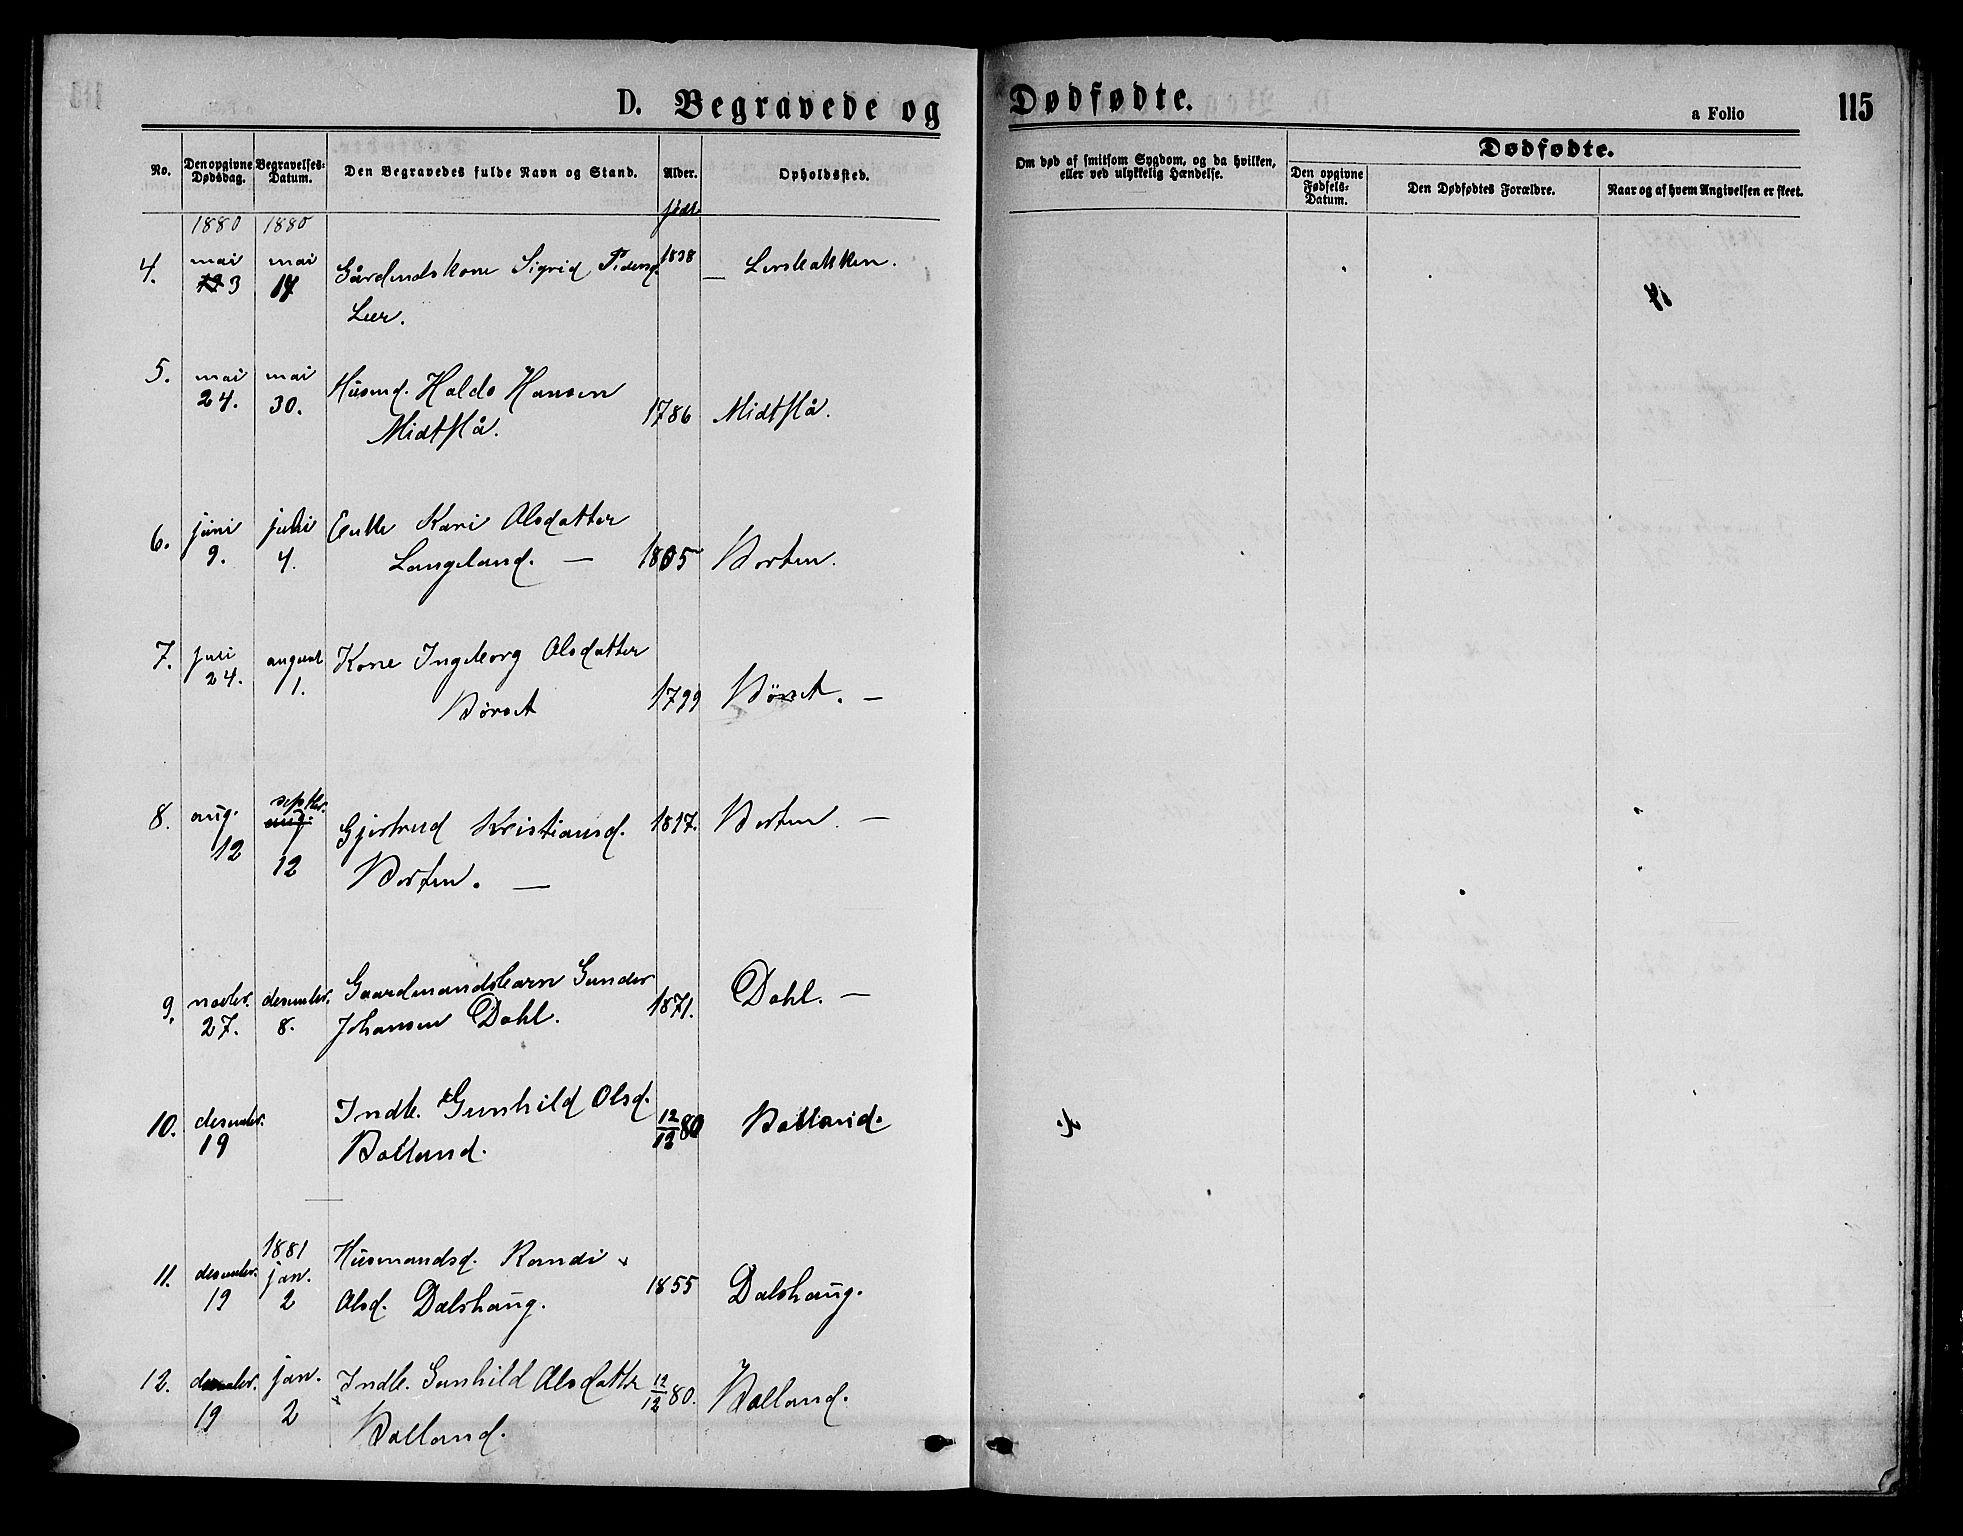 SAT, Ministerialprotokoller, klokkerbøker og fødselsregistre - Sør-Trøndelag, 693/L1122: Klokkerbok nr. 693C03, 1870-1886, s. 115